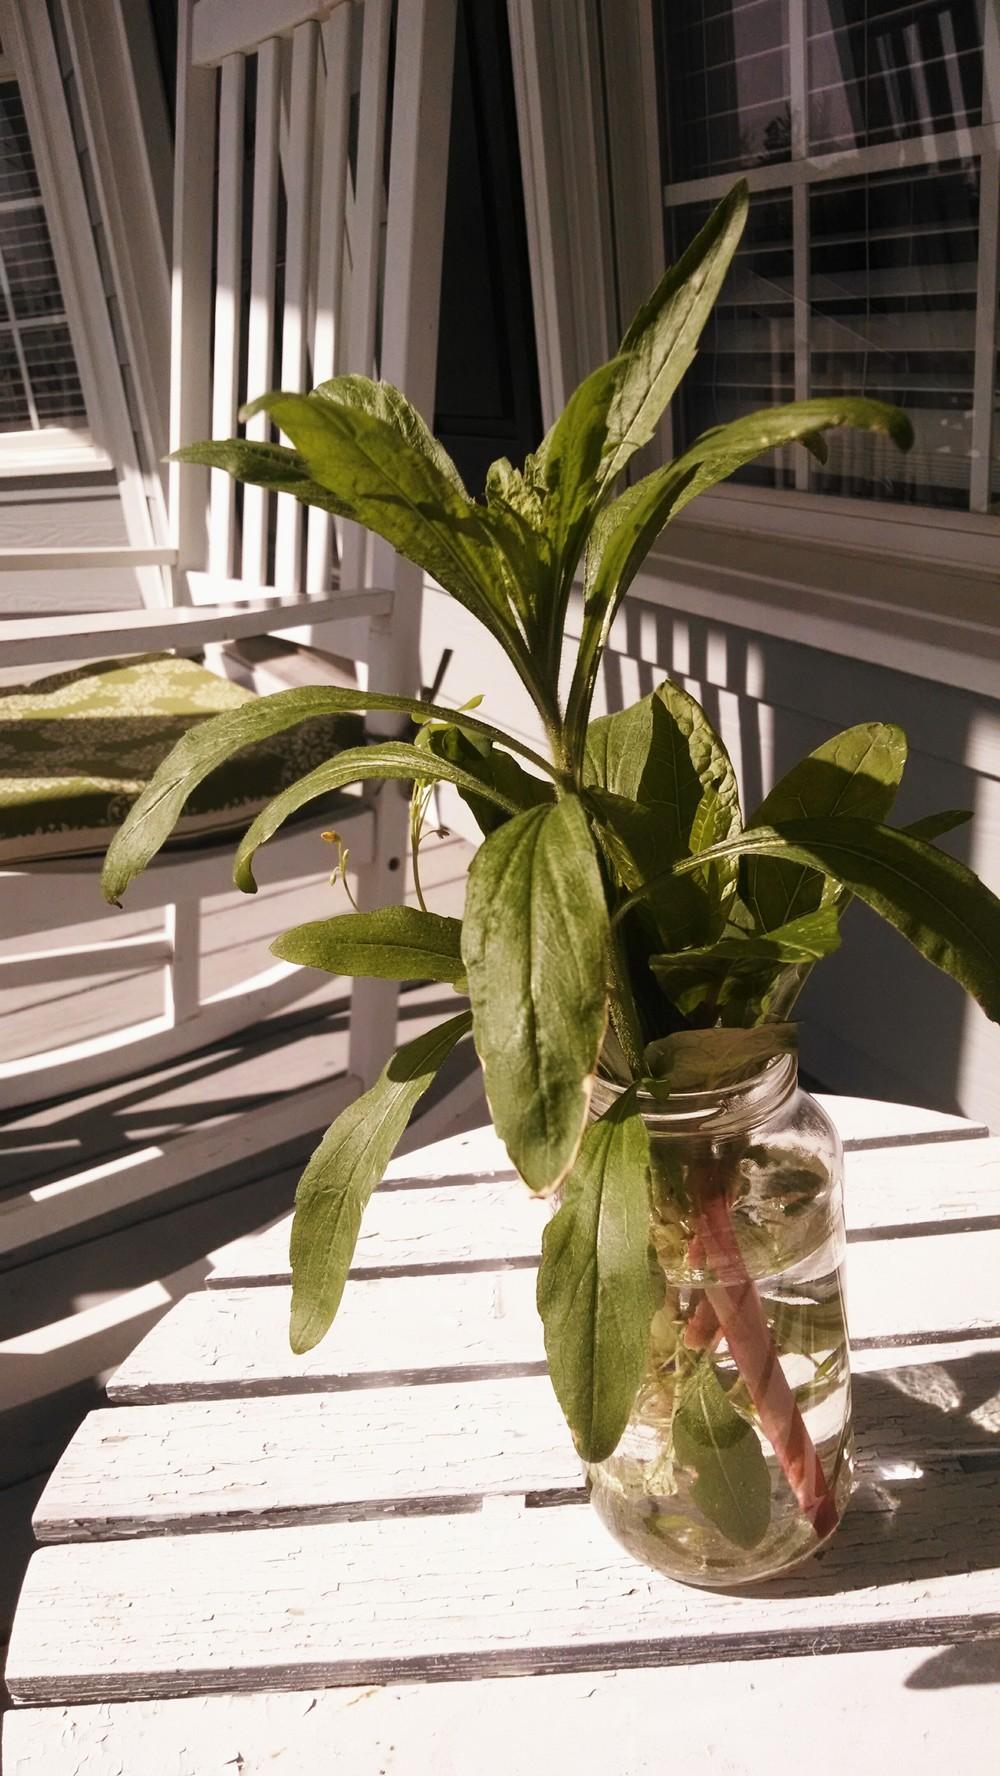 john's plant